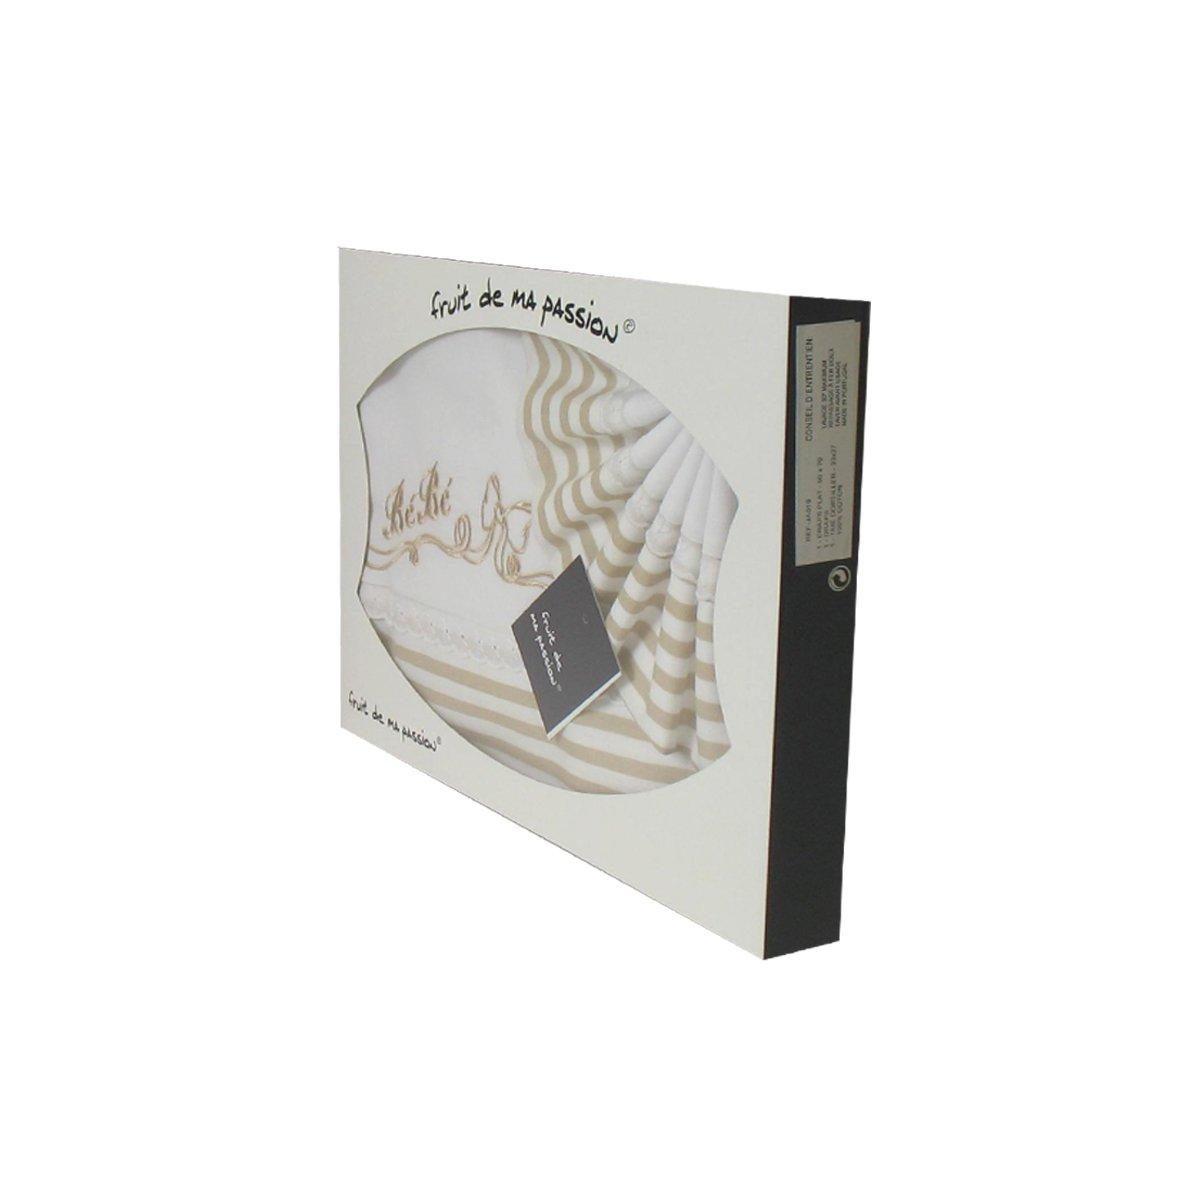 Box Set lenzuola per culla, passeggino, navicella striati beige - bambino del modello Fruit de ma Passion